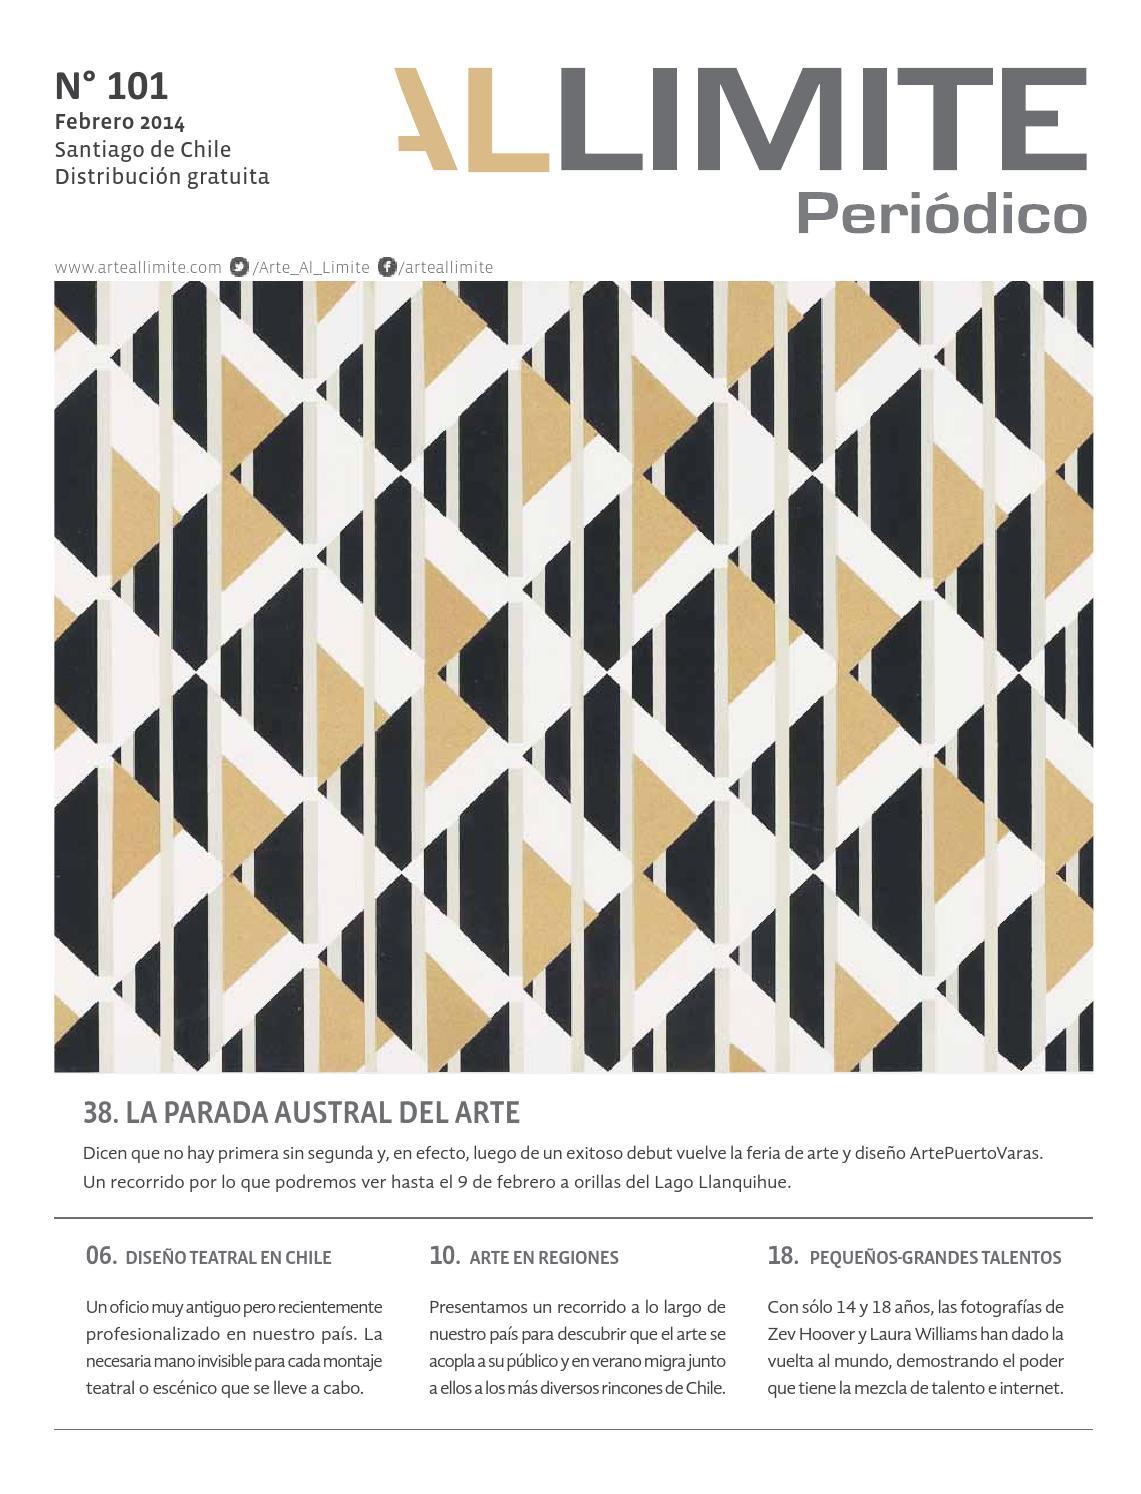 Periódico AAL | Edición 101, febrero 2014 by Arte al Límite - issuu